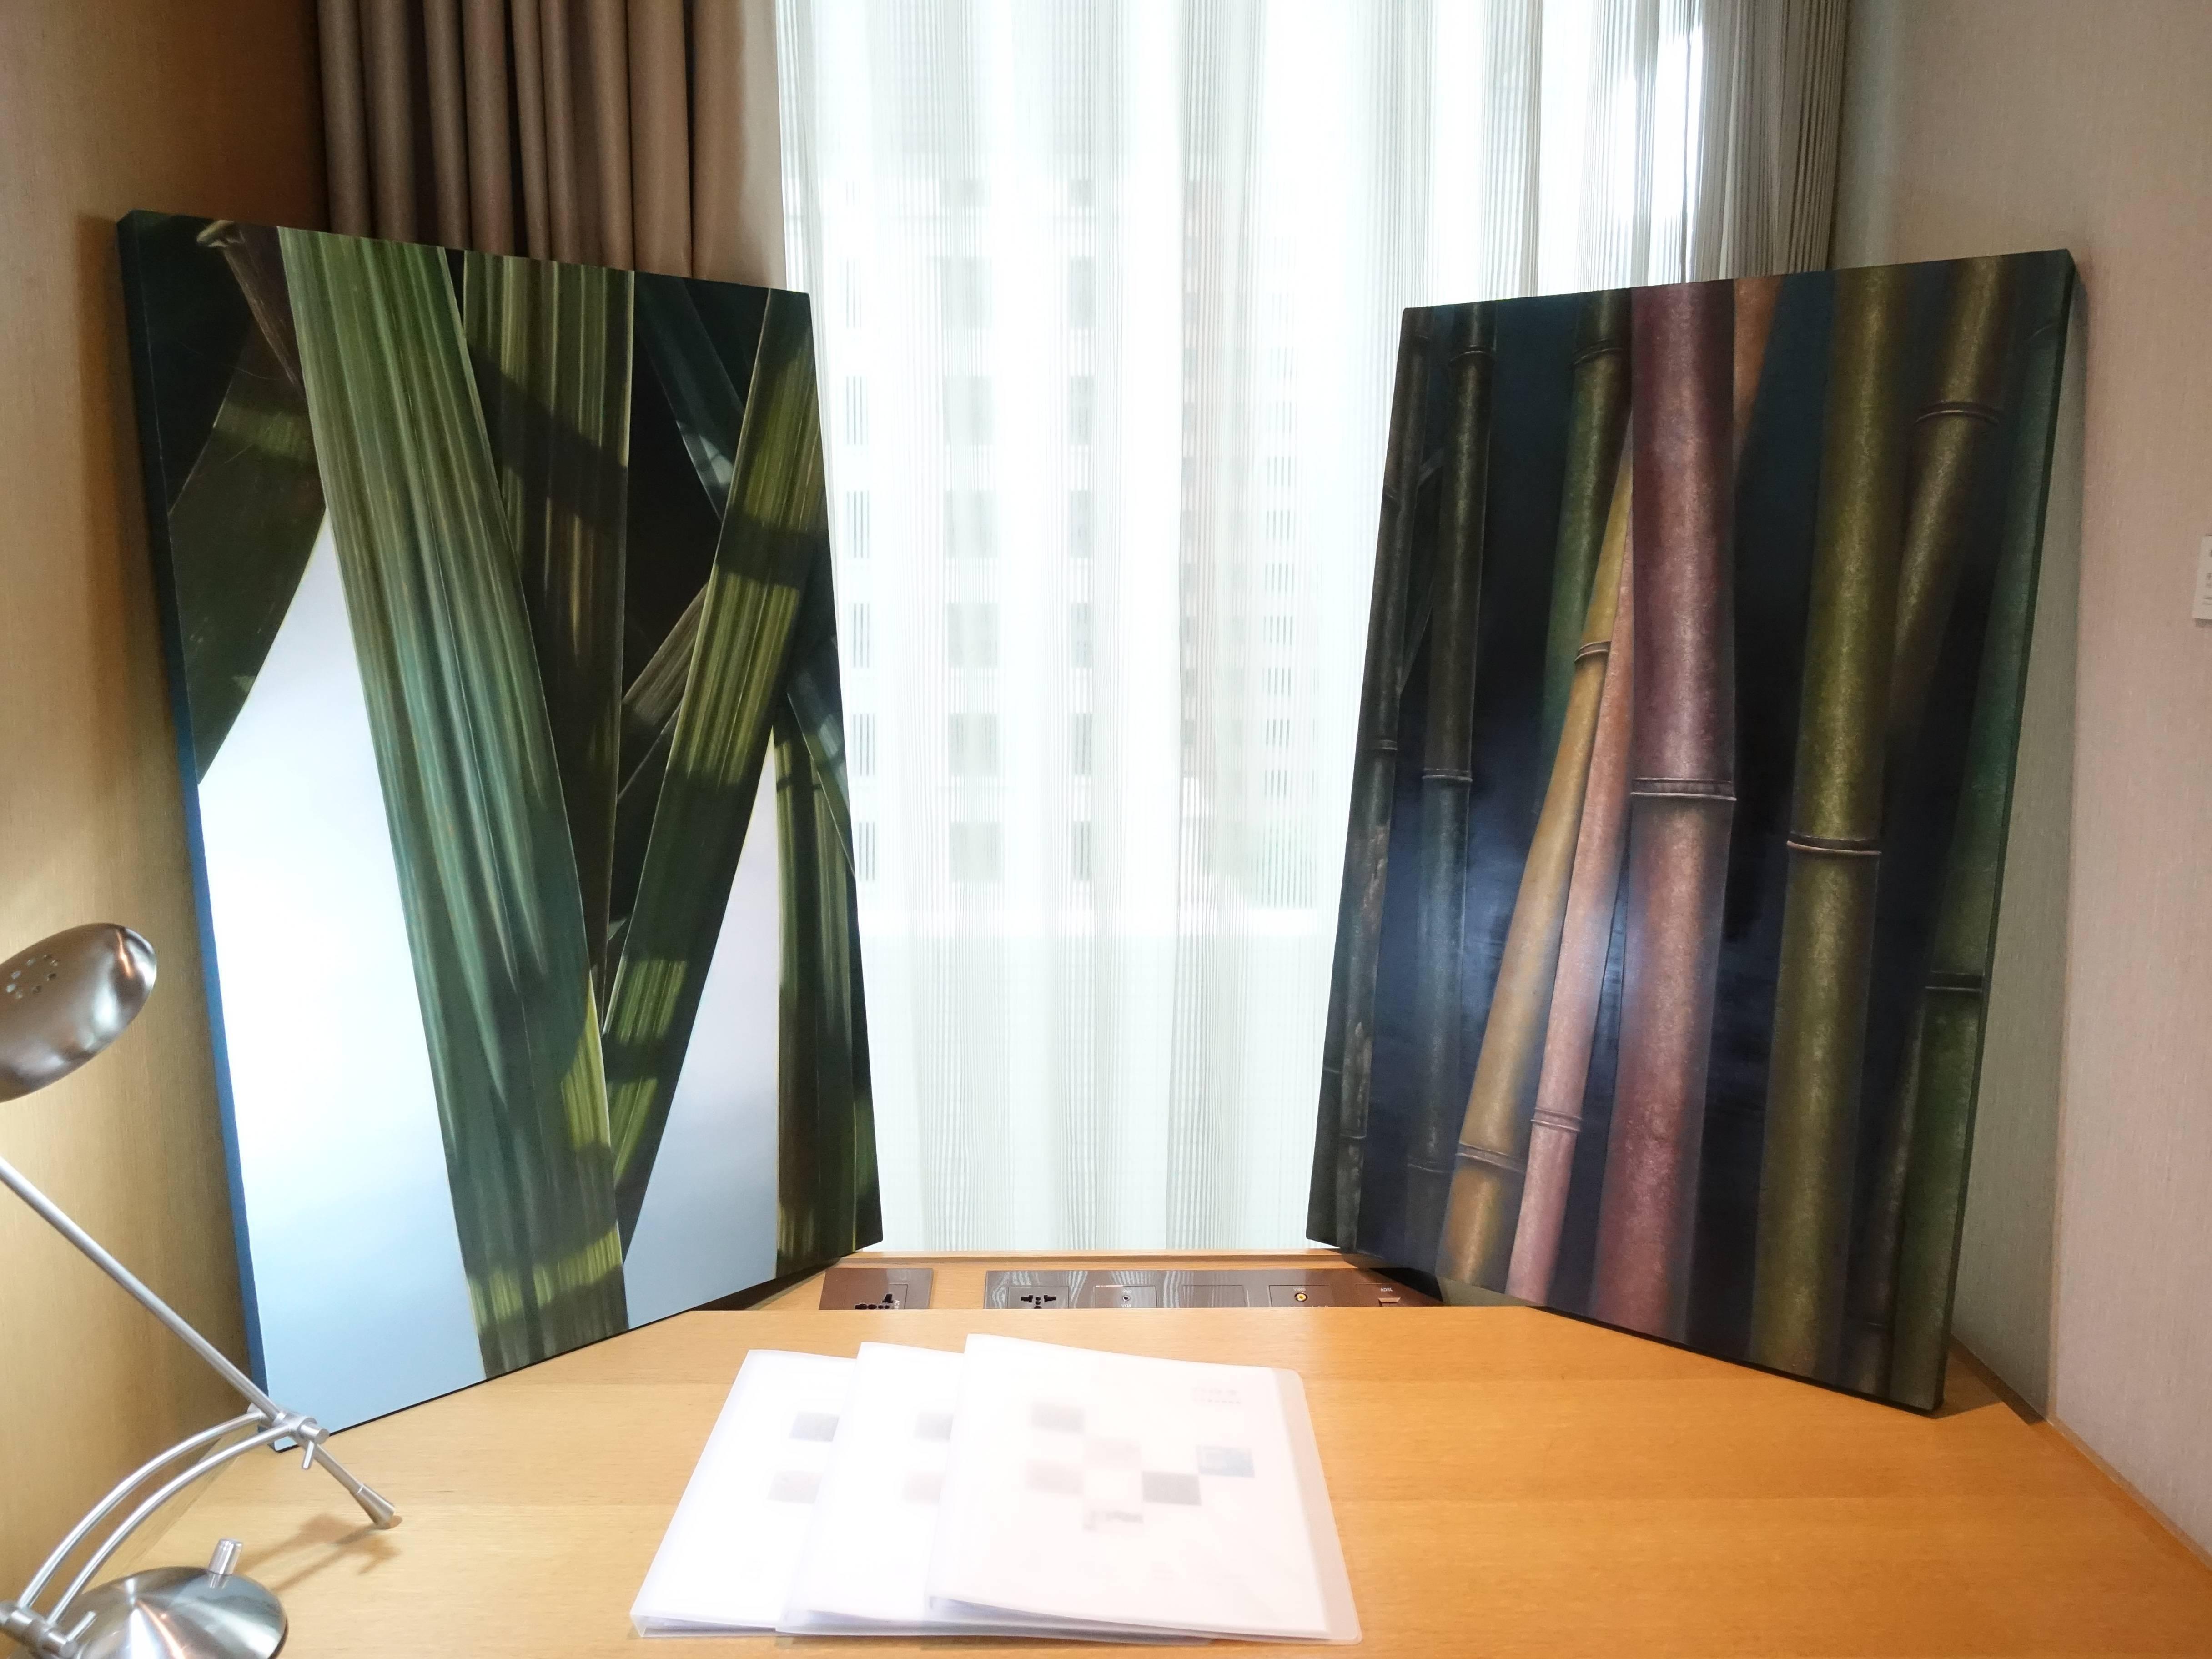 大觀藝術空間藝術家 - 顏群,《座標與形狀-6》,80 x 90 cm,油彩、畫布,2019。